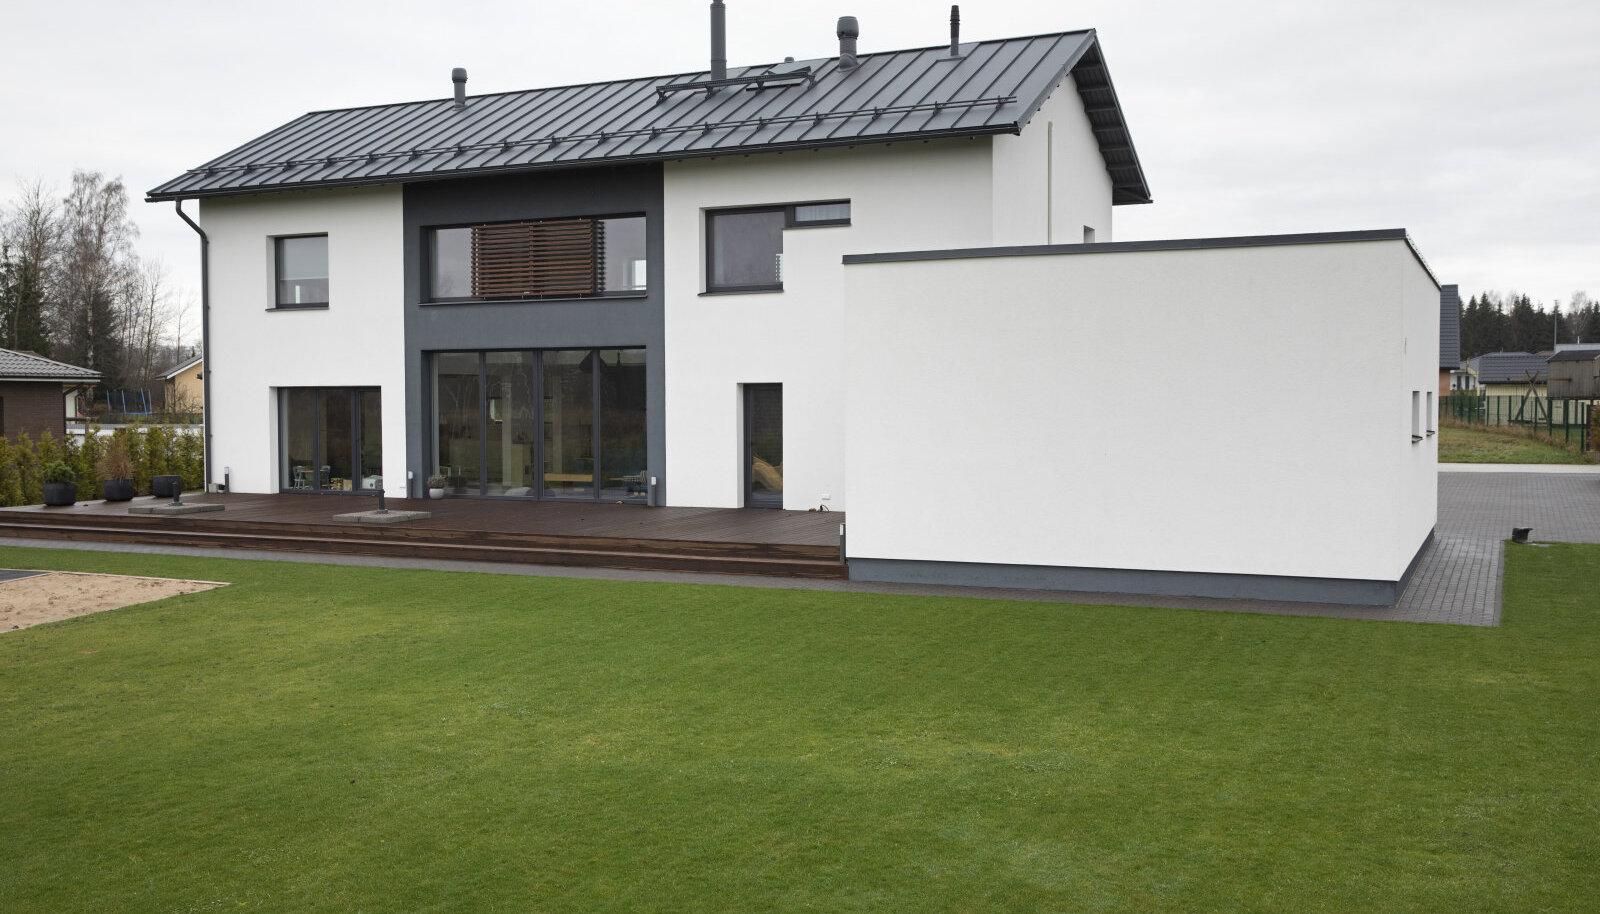 «Дом для каталога Jämerä, созданный финским архитектором Анне Фагерхолм, очаровал будущих домовладельцев скандинавским стилем и решениями, обеспечивающими семье комфорт…»